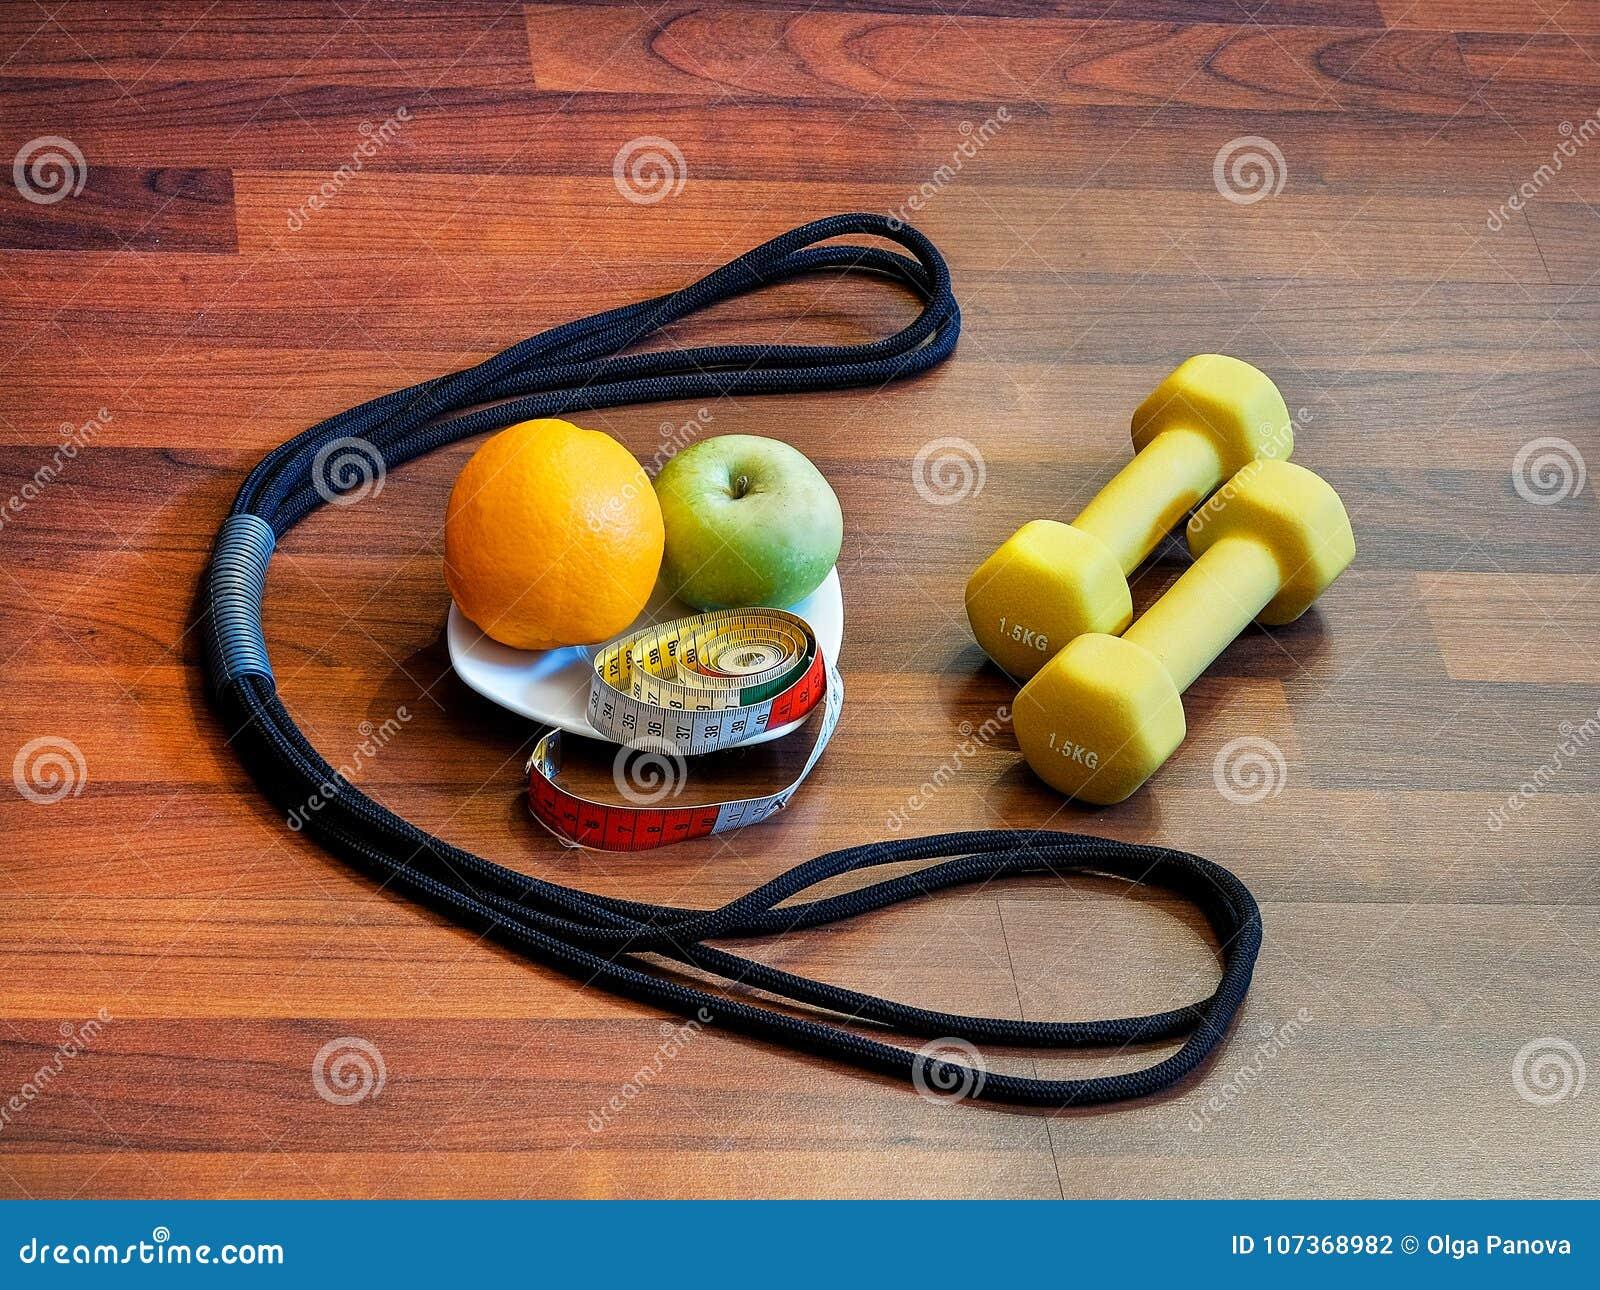 Потеря веса через тренировку и правильную диету гантели, детандер, плодоовощи, сантиметр